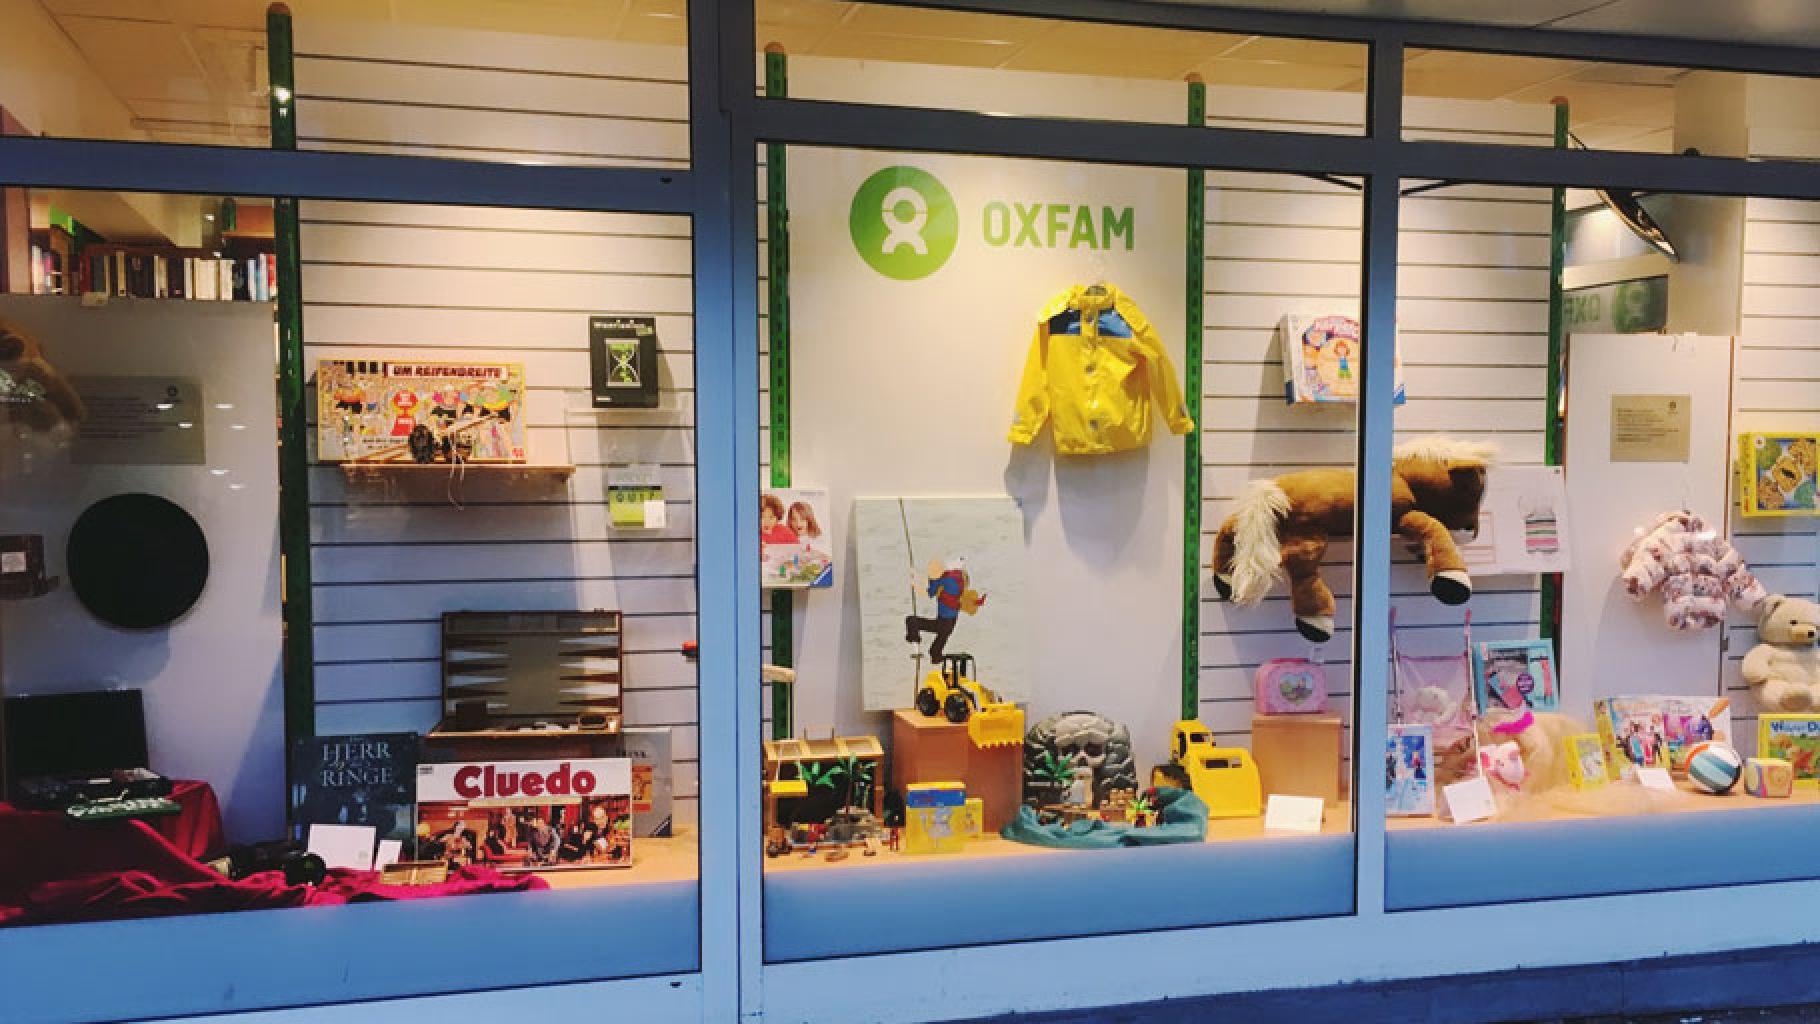 Spiele im Schaufenster eines Oxfam Shops